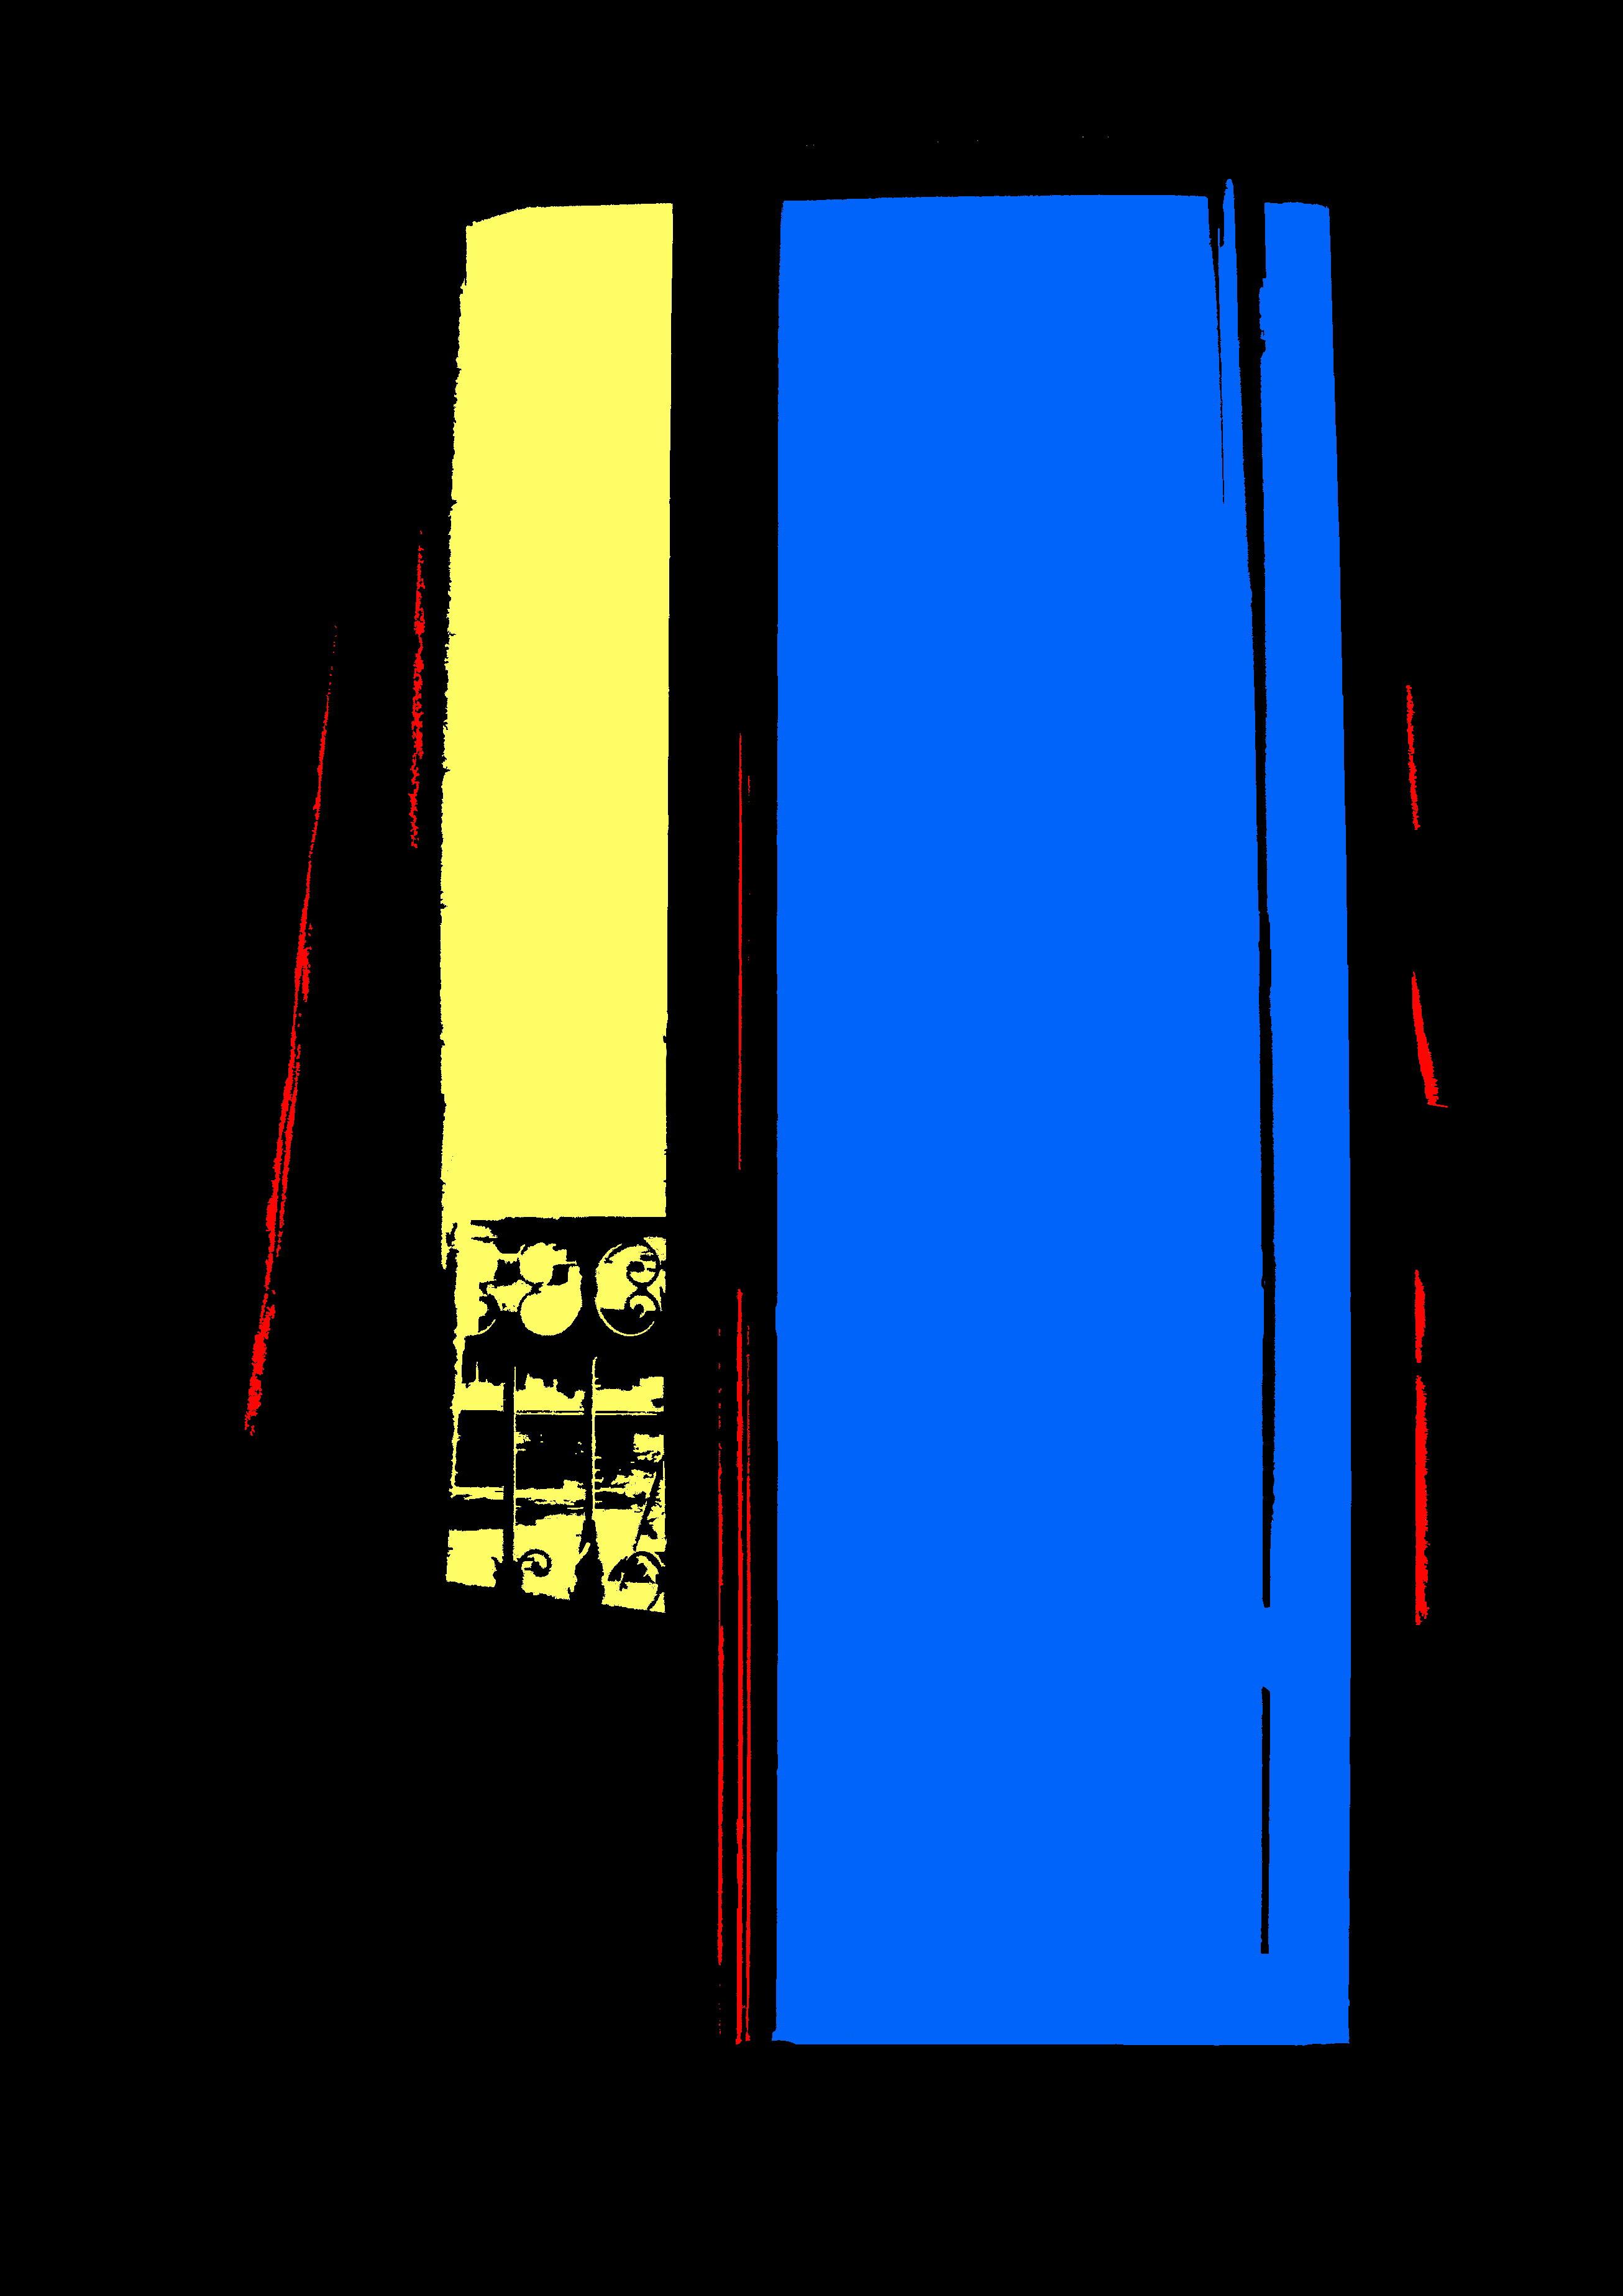 Port Vendres-Thinking of Matisse 10.jpg?